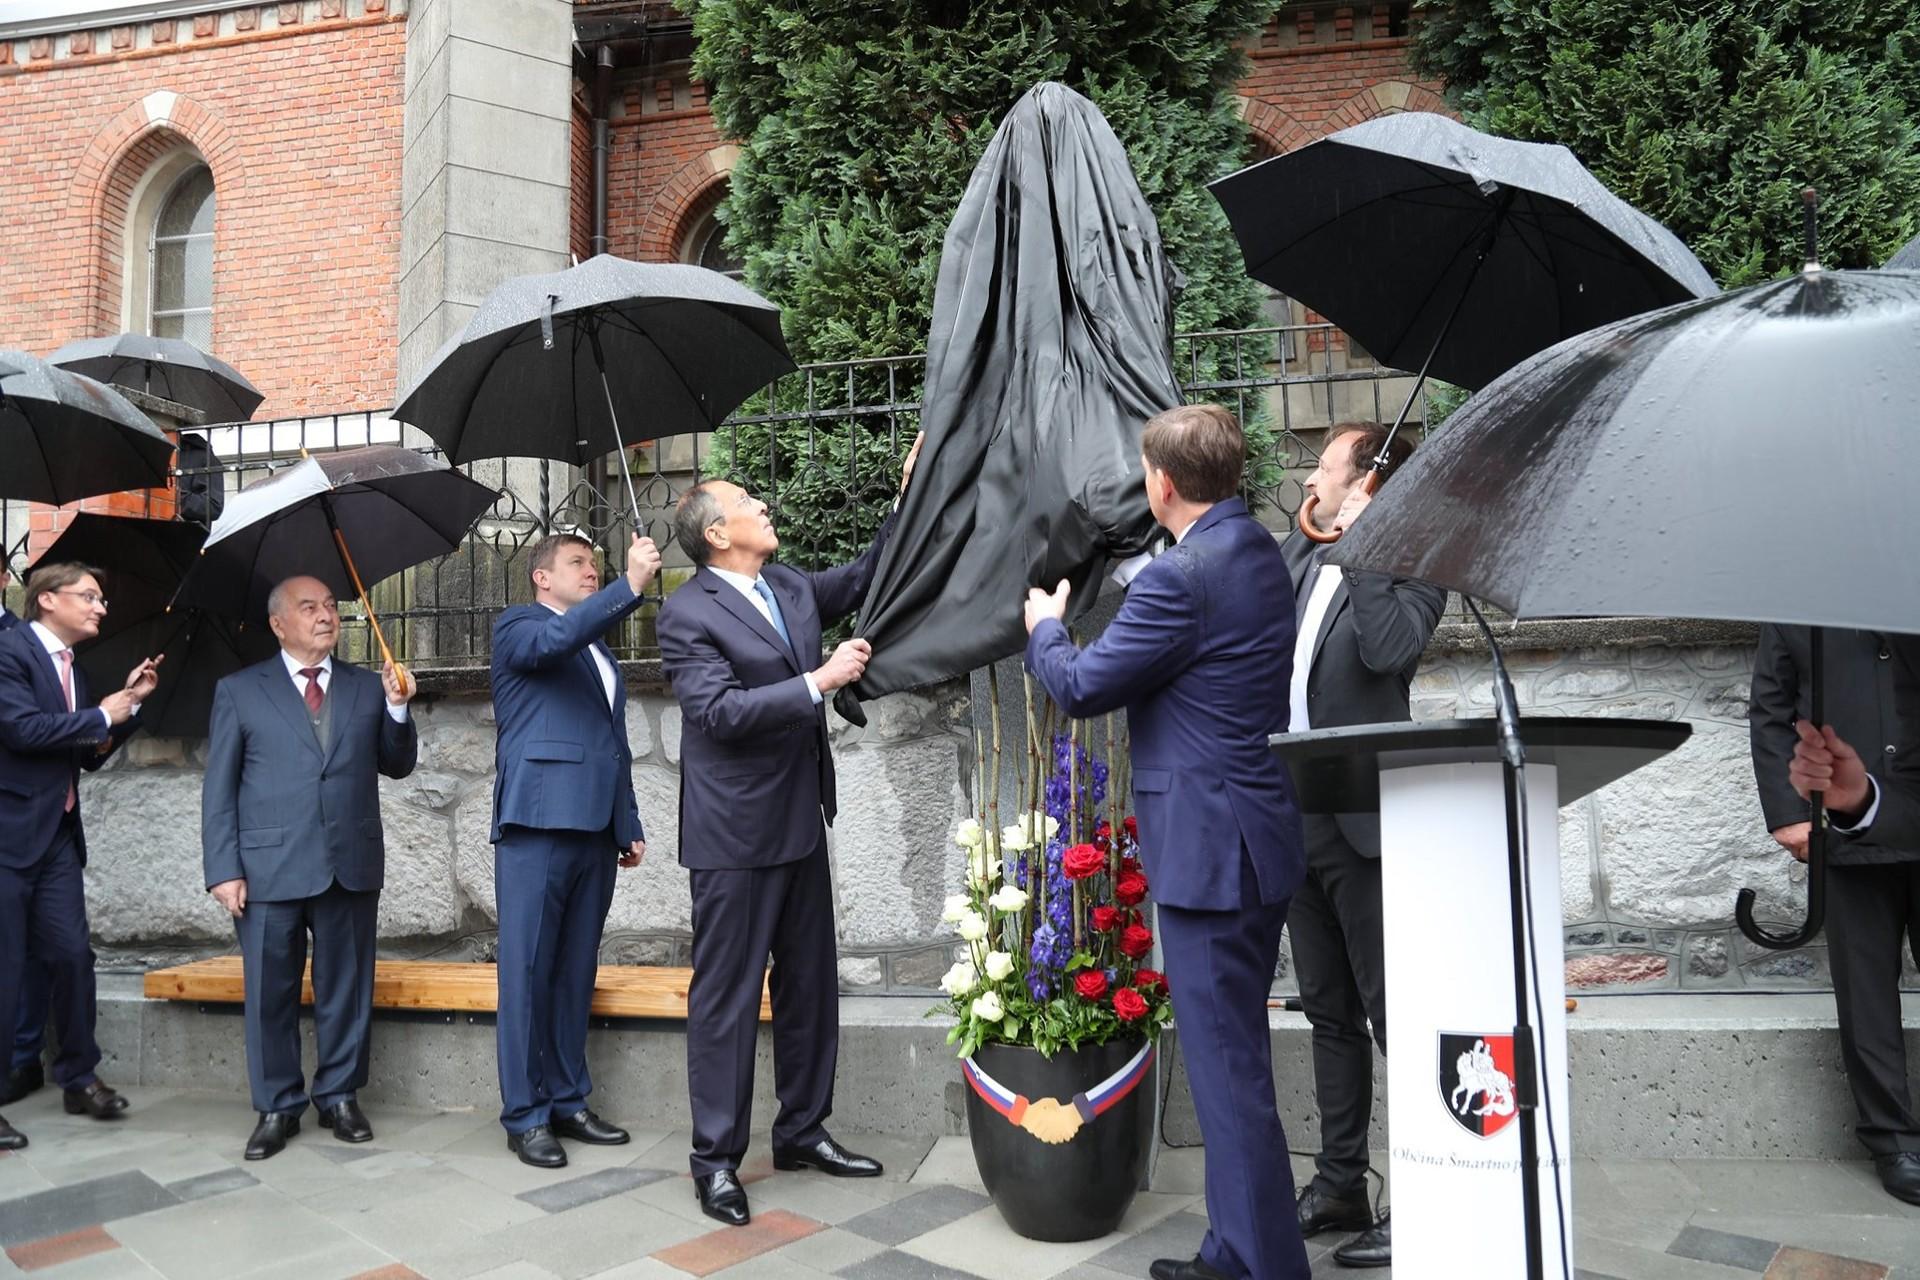 Zunanja ministra Slovenije in Rusije ter župan občine Šmartno pri Litiji so slavnostno odkrili spomenik Davorinu Hostniku.